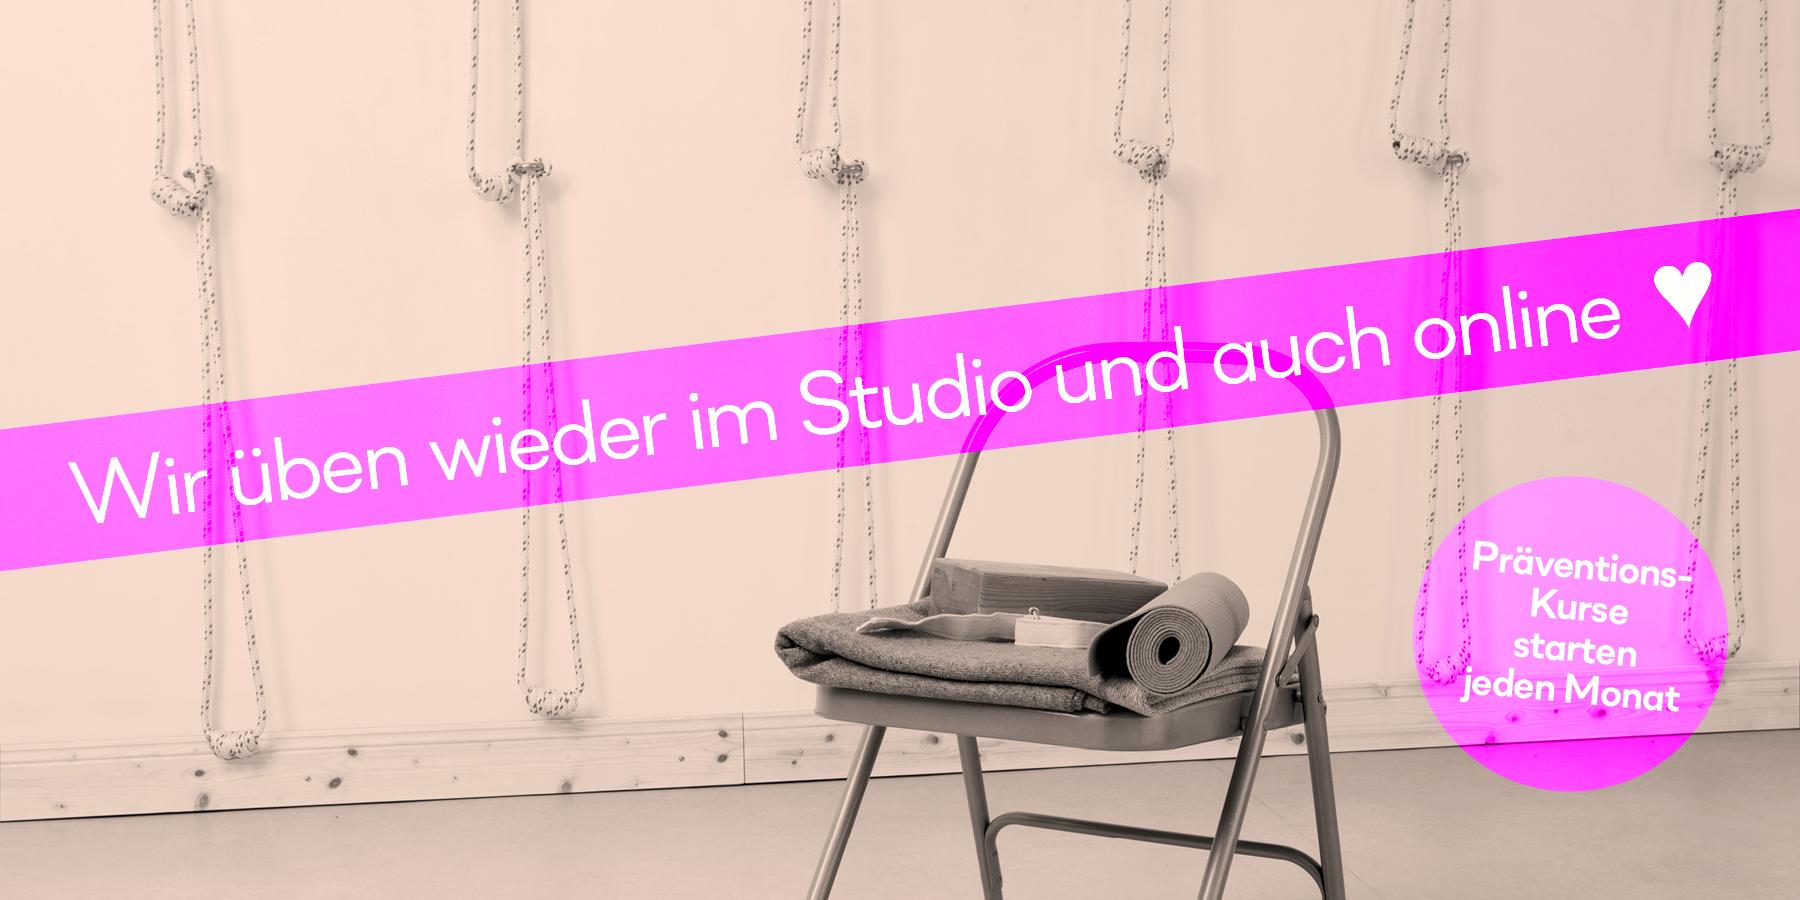 Studio und Online